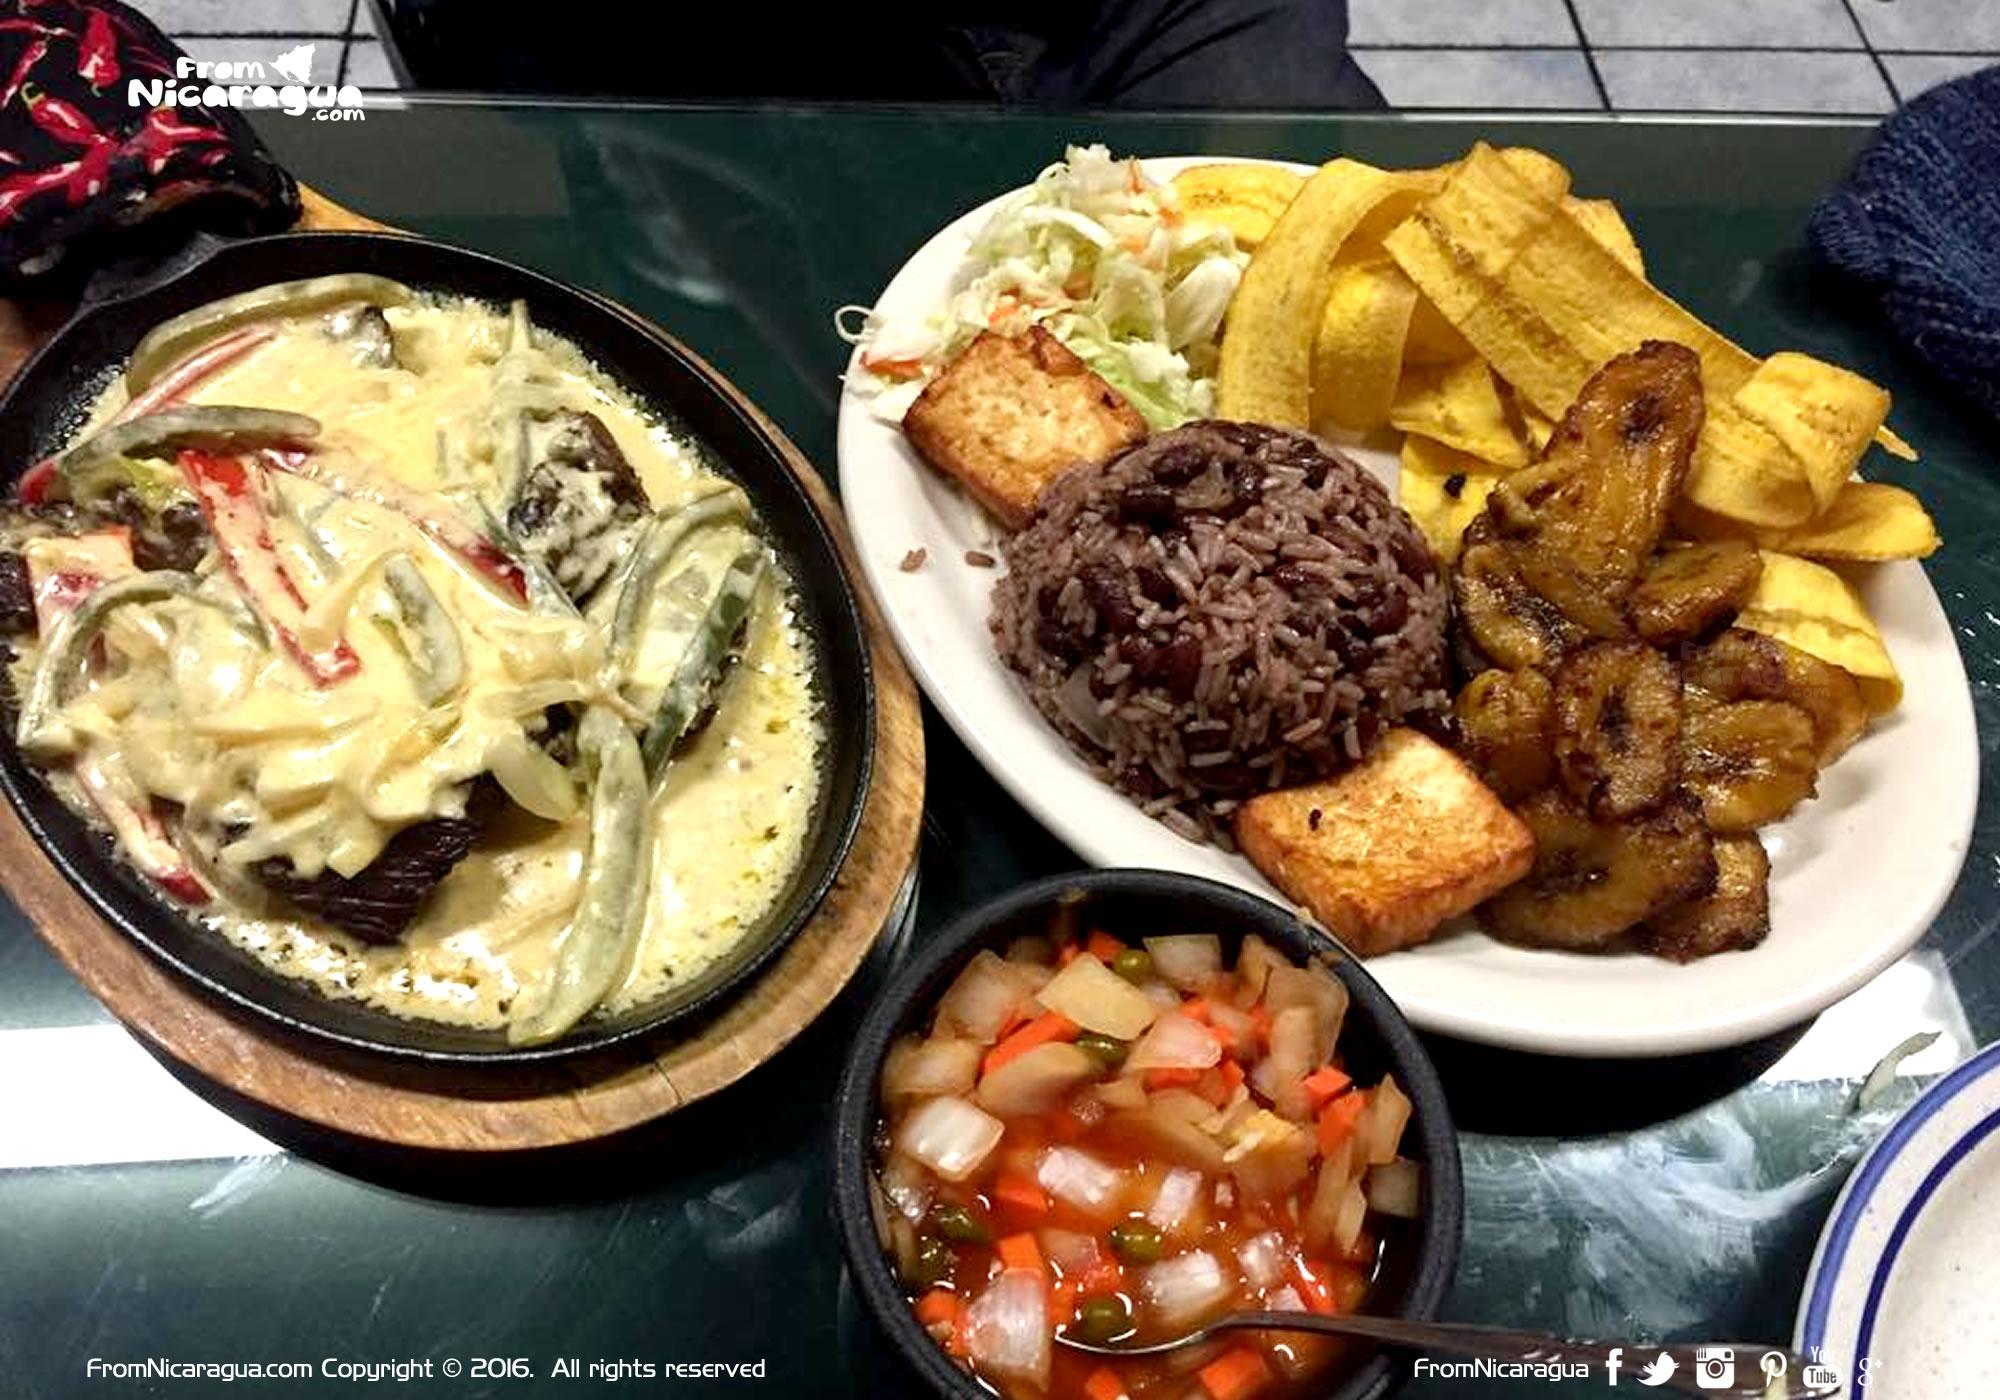 ¡Cuándo los Nicas visitamos los restaurantes Nicaragüenses!